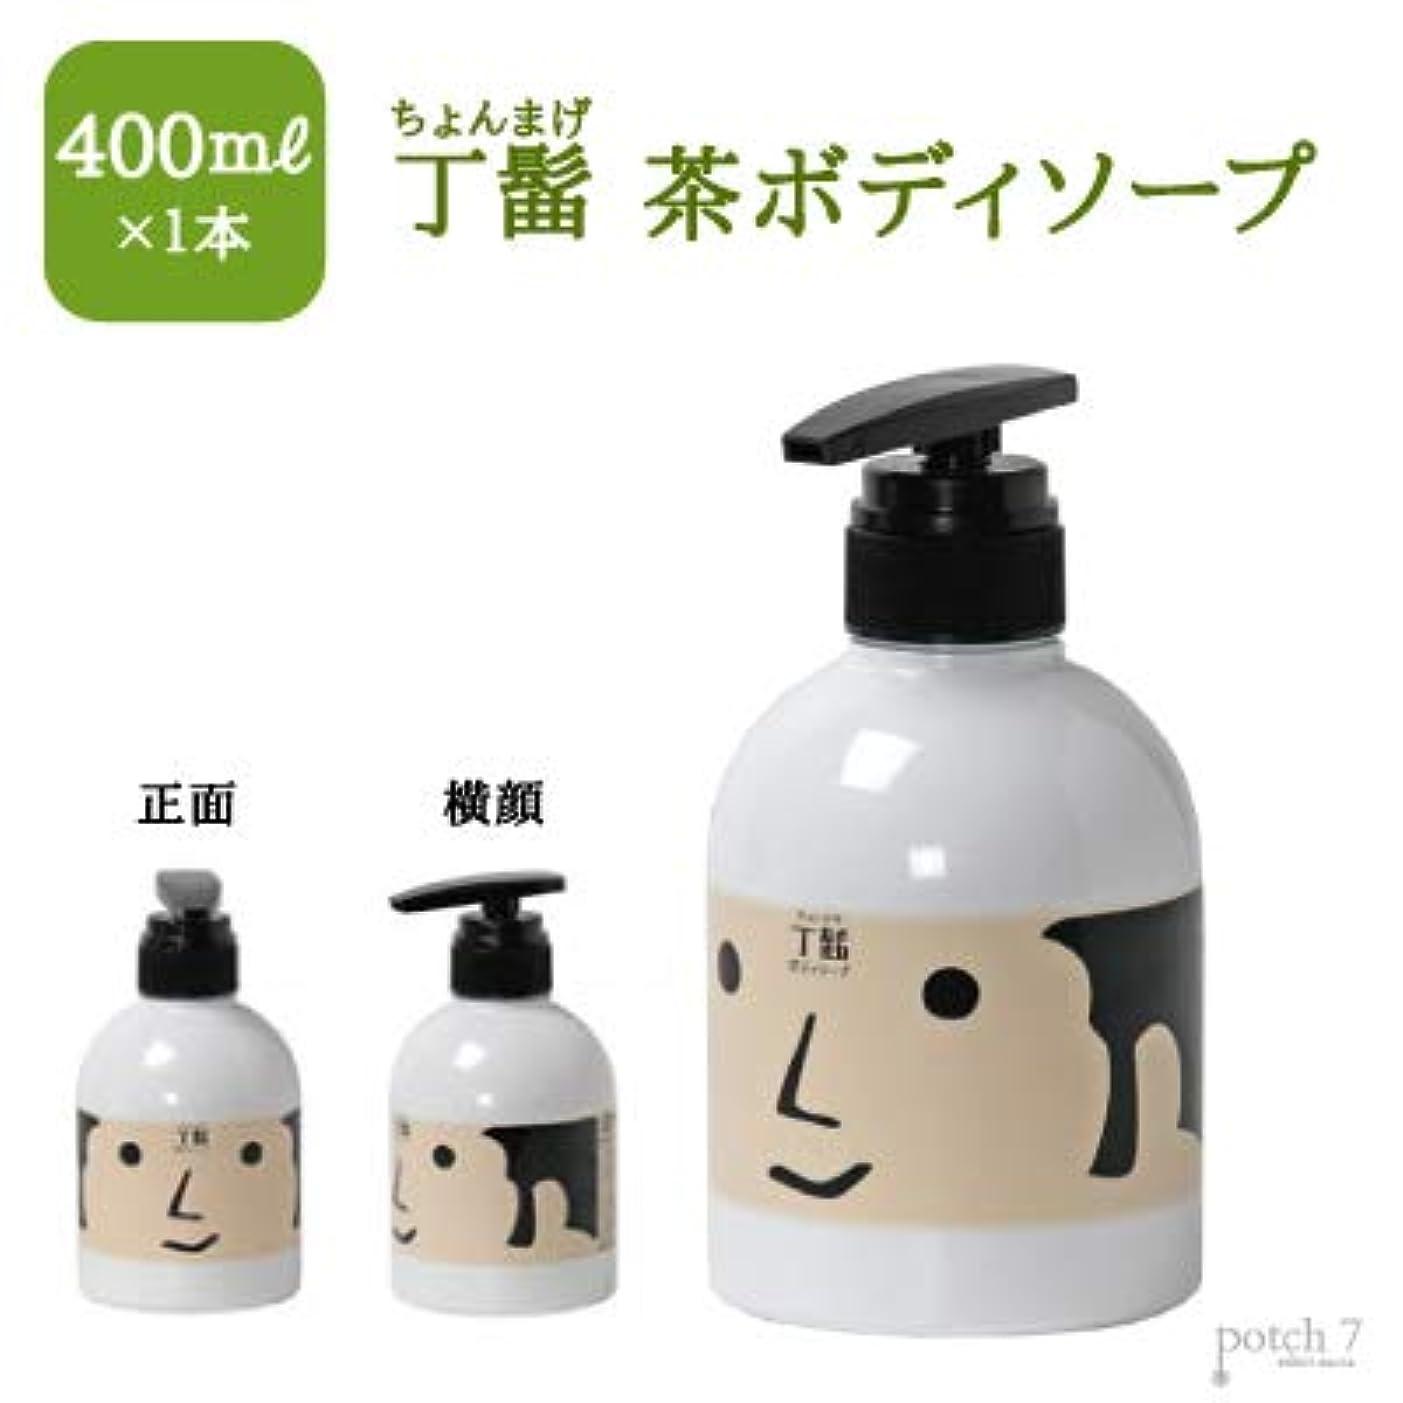 妥協ボトルネックものフタバ化学 丁髷ボディソープ お茶の香り 400ml×12本セット